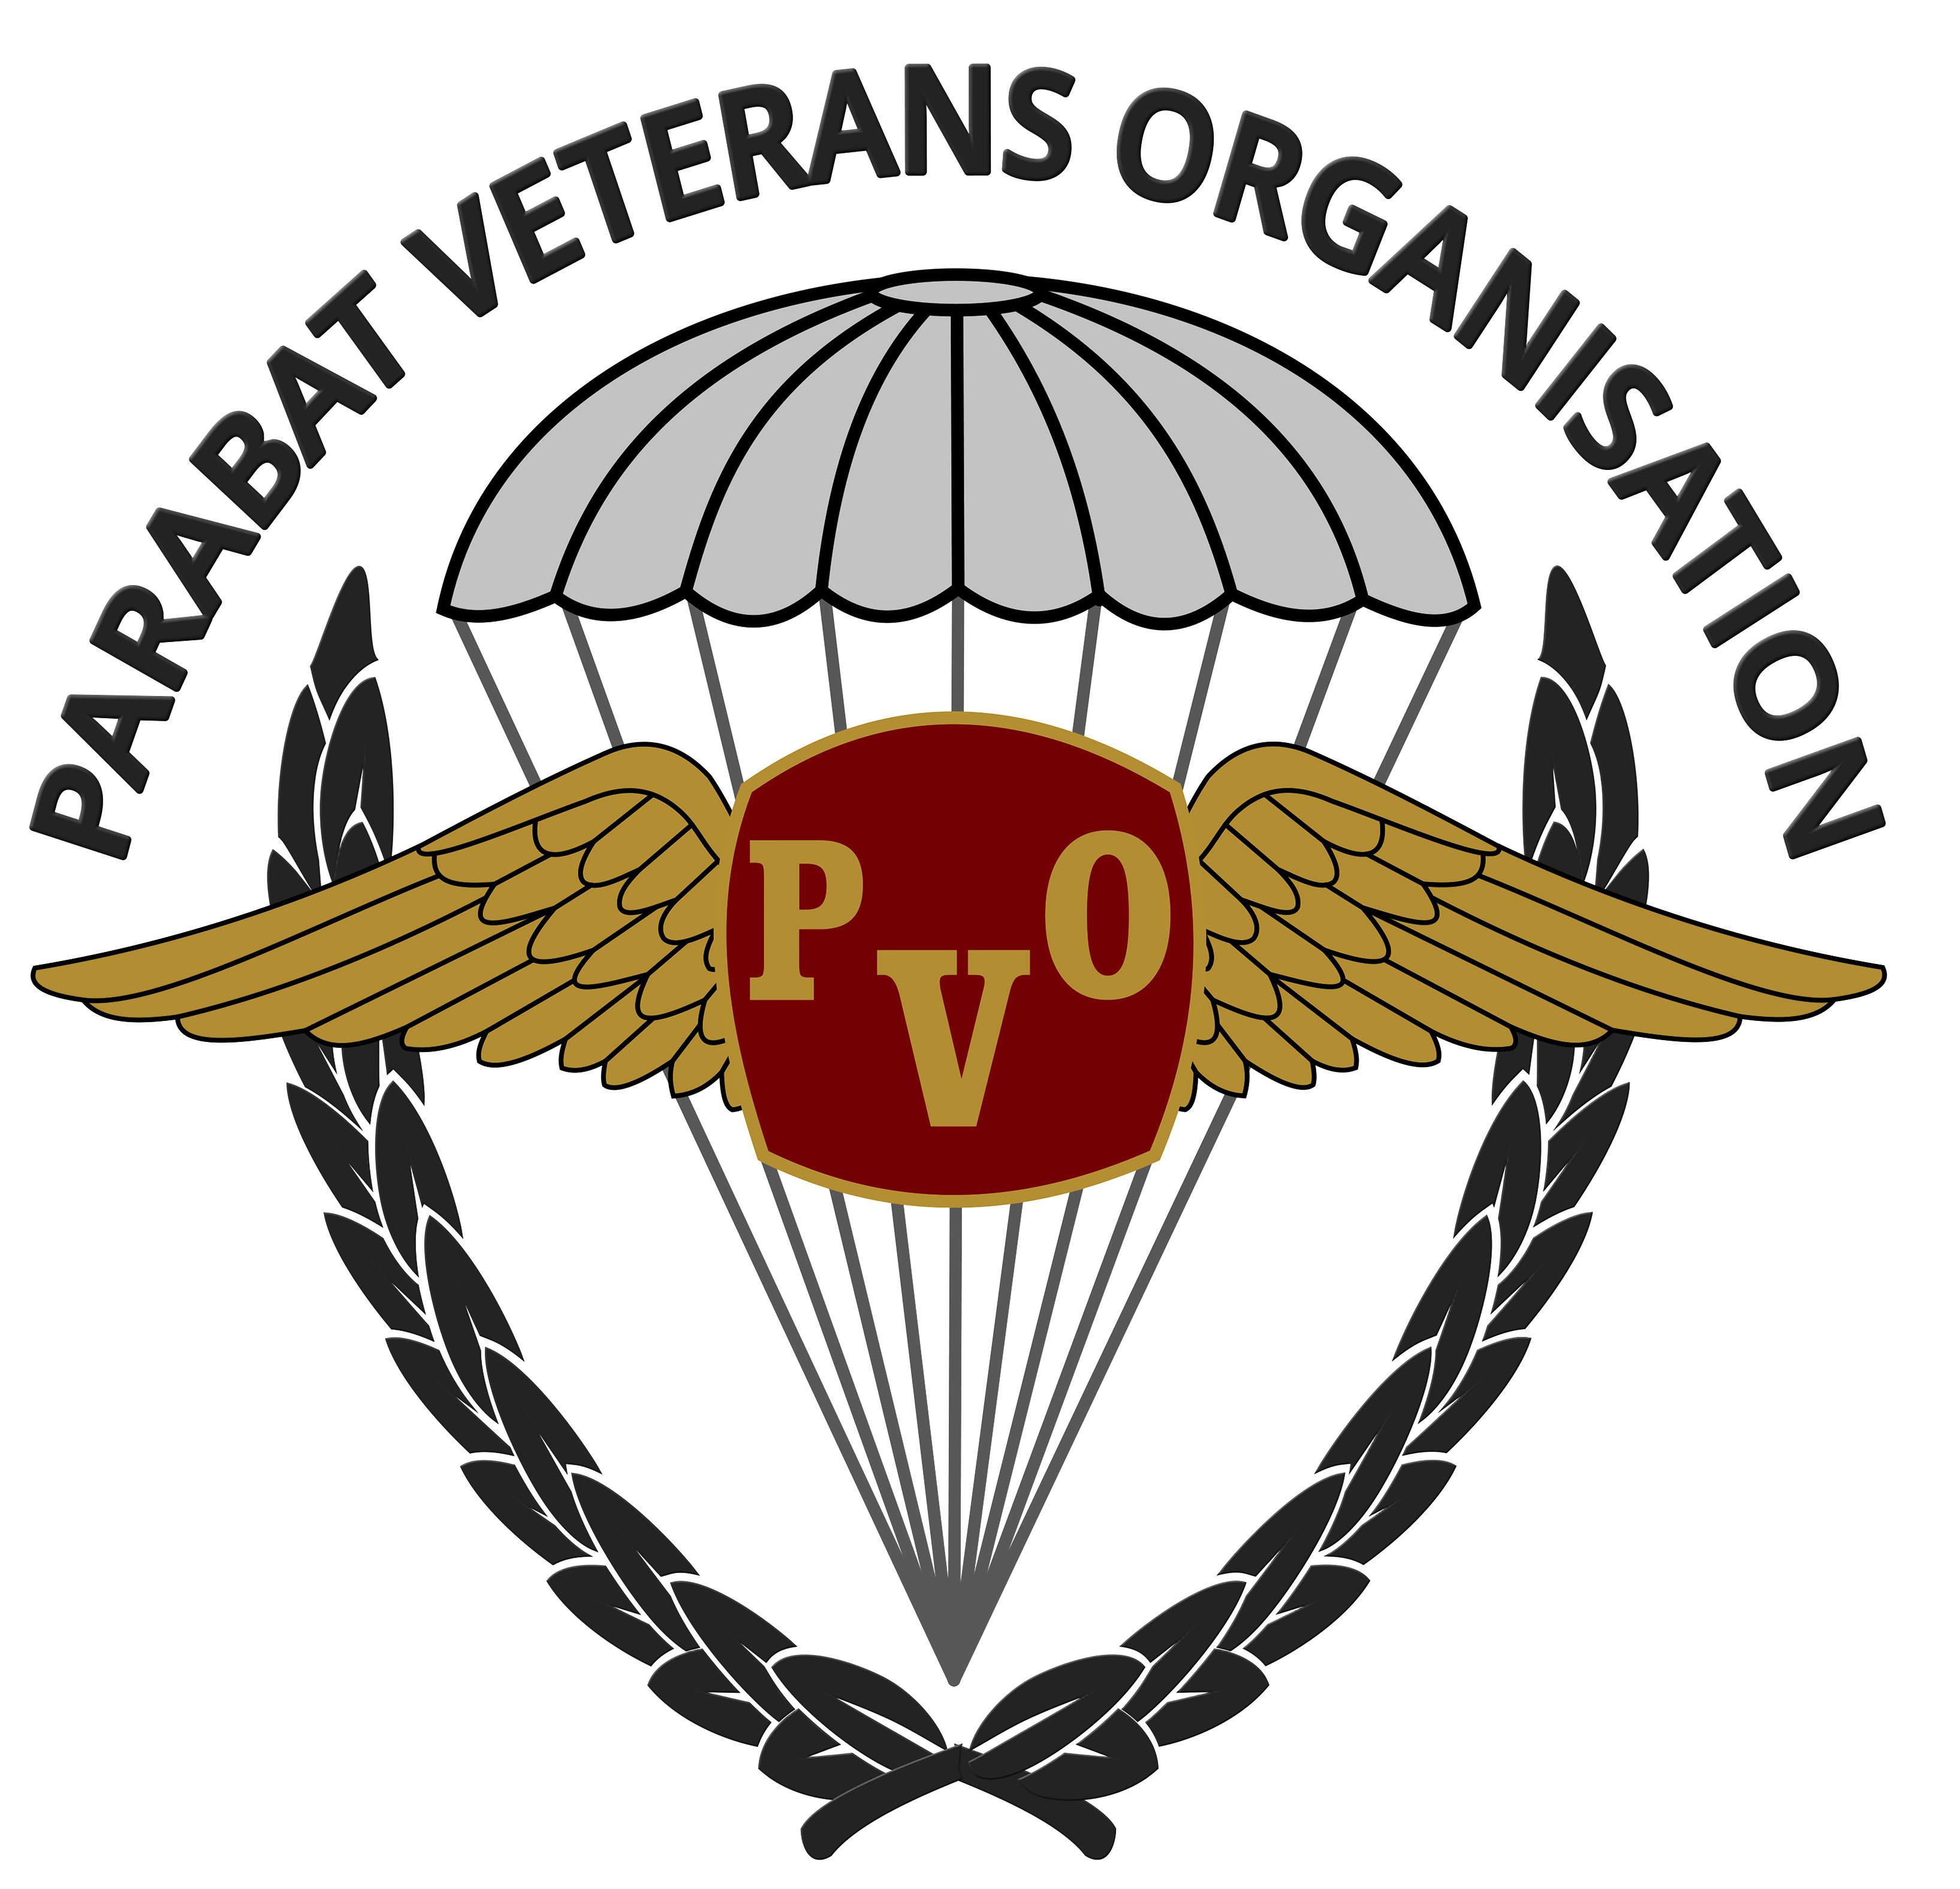 Parabats Veterans Organisation